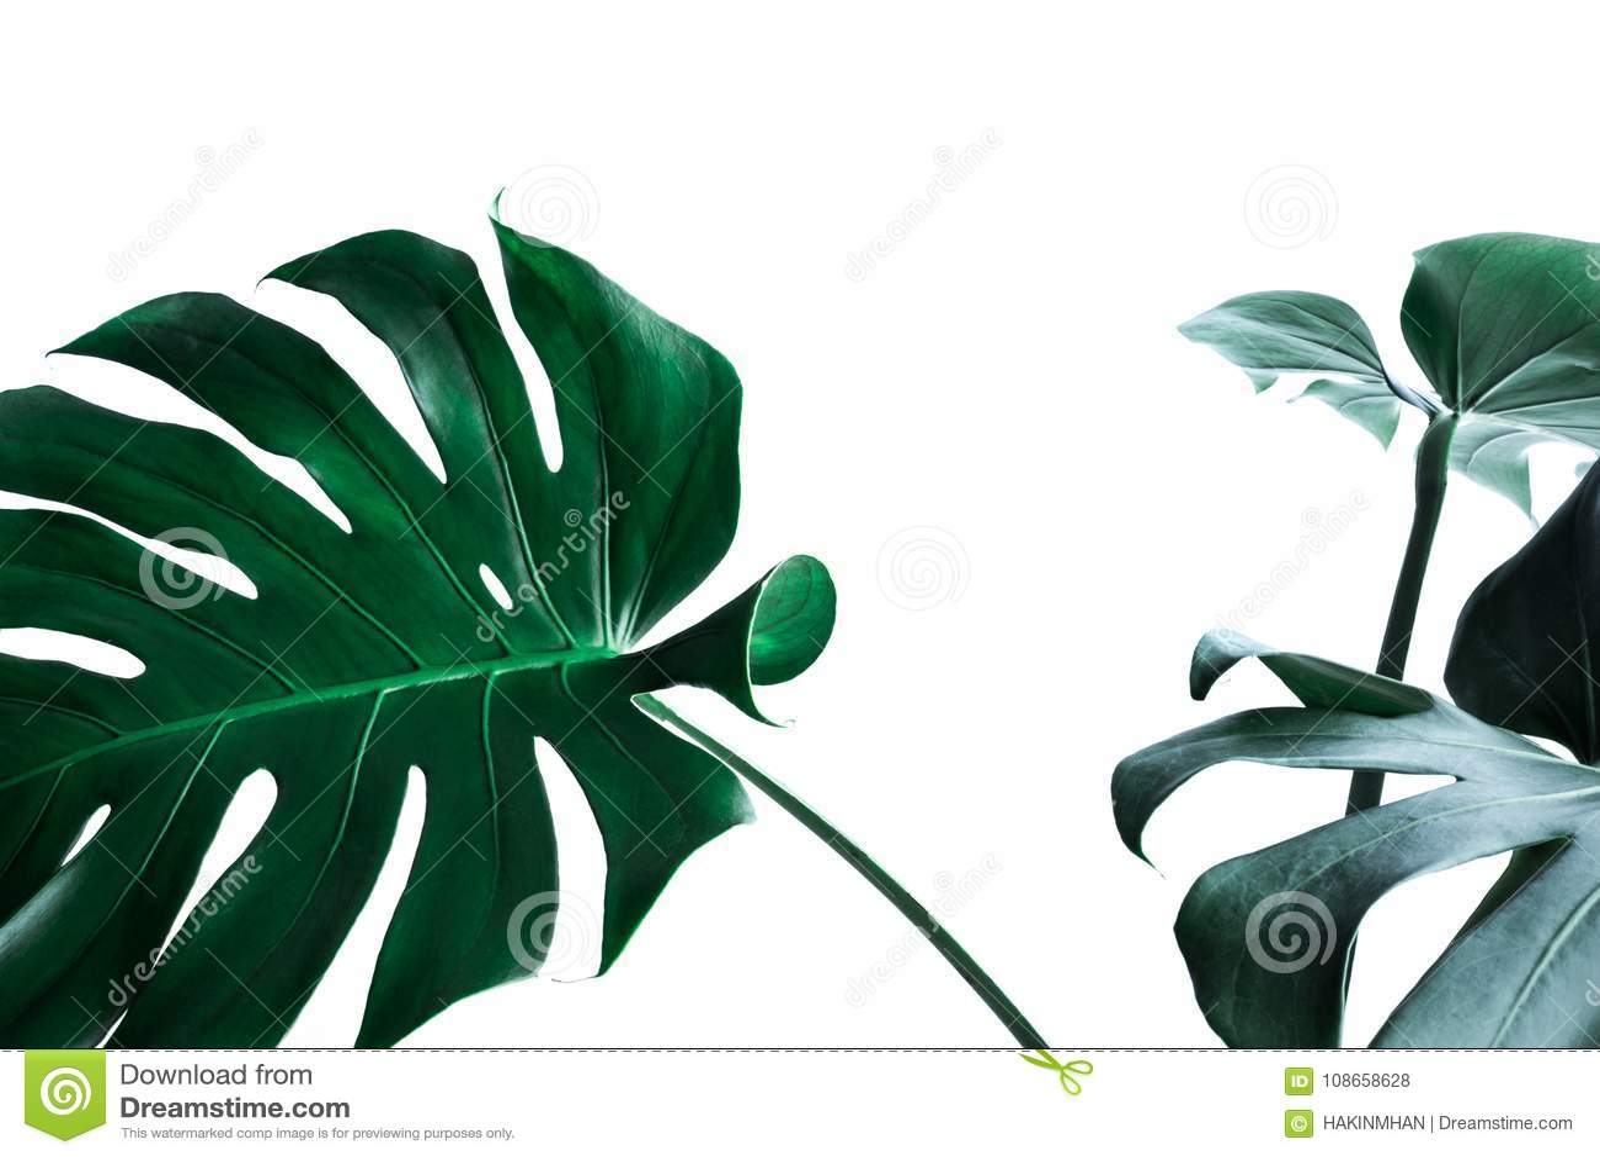 Vraies feuilles de monstera décorant pour la conception de composition Tropical,